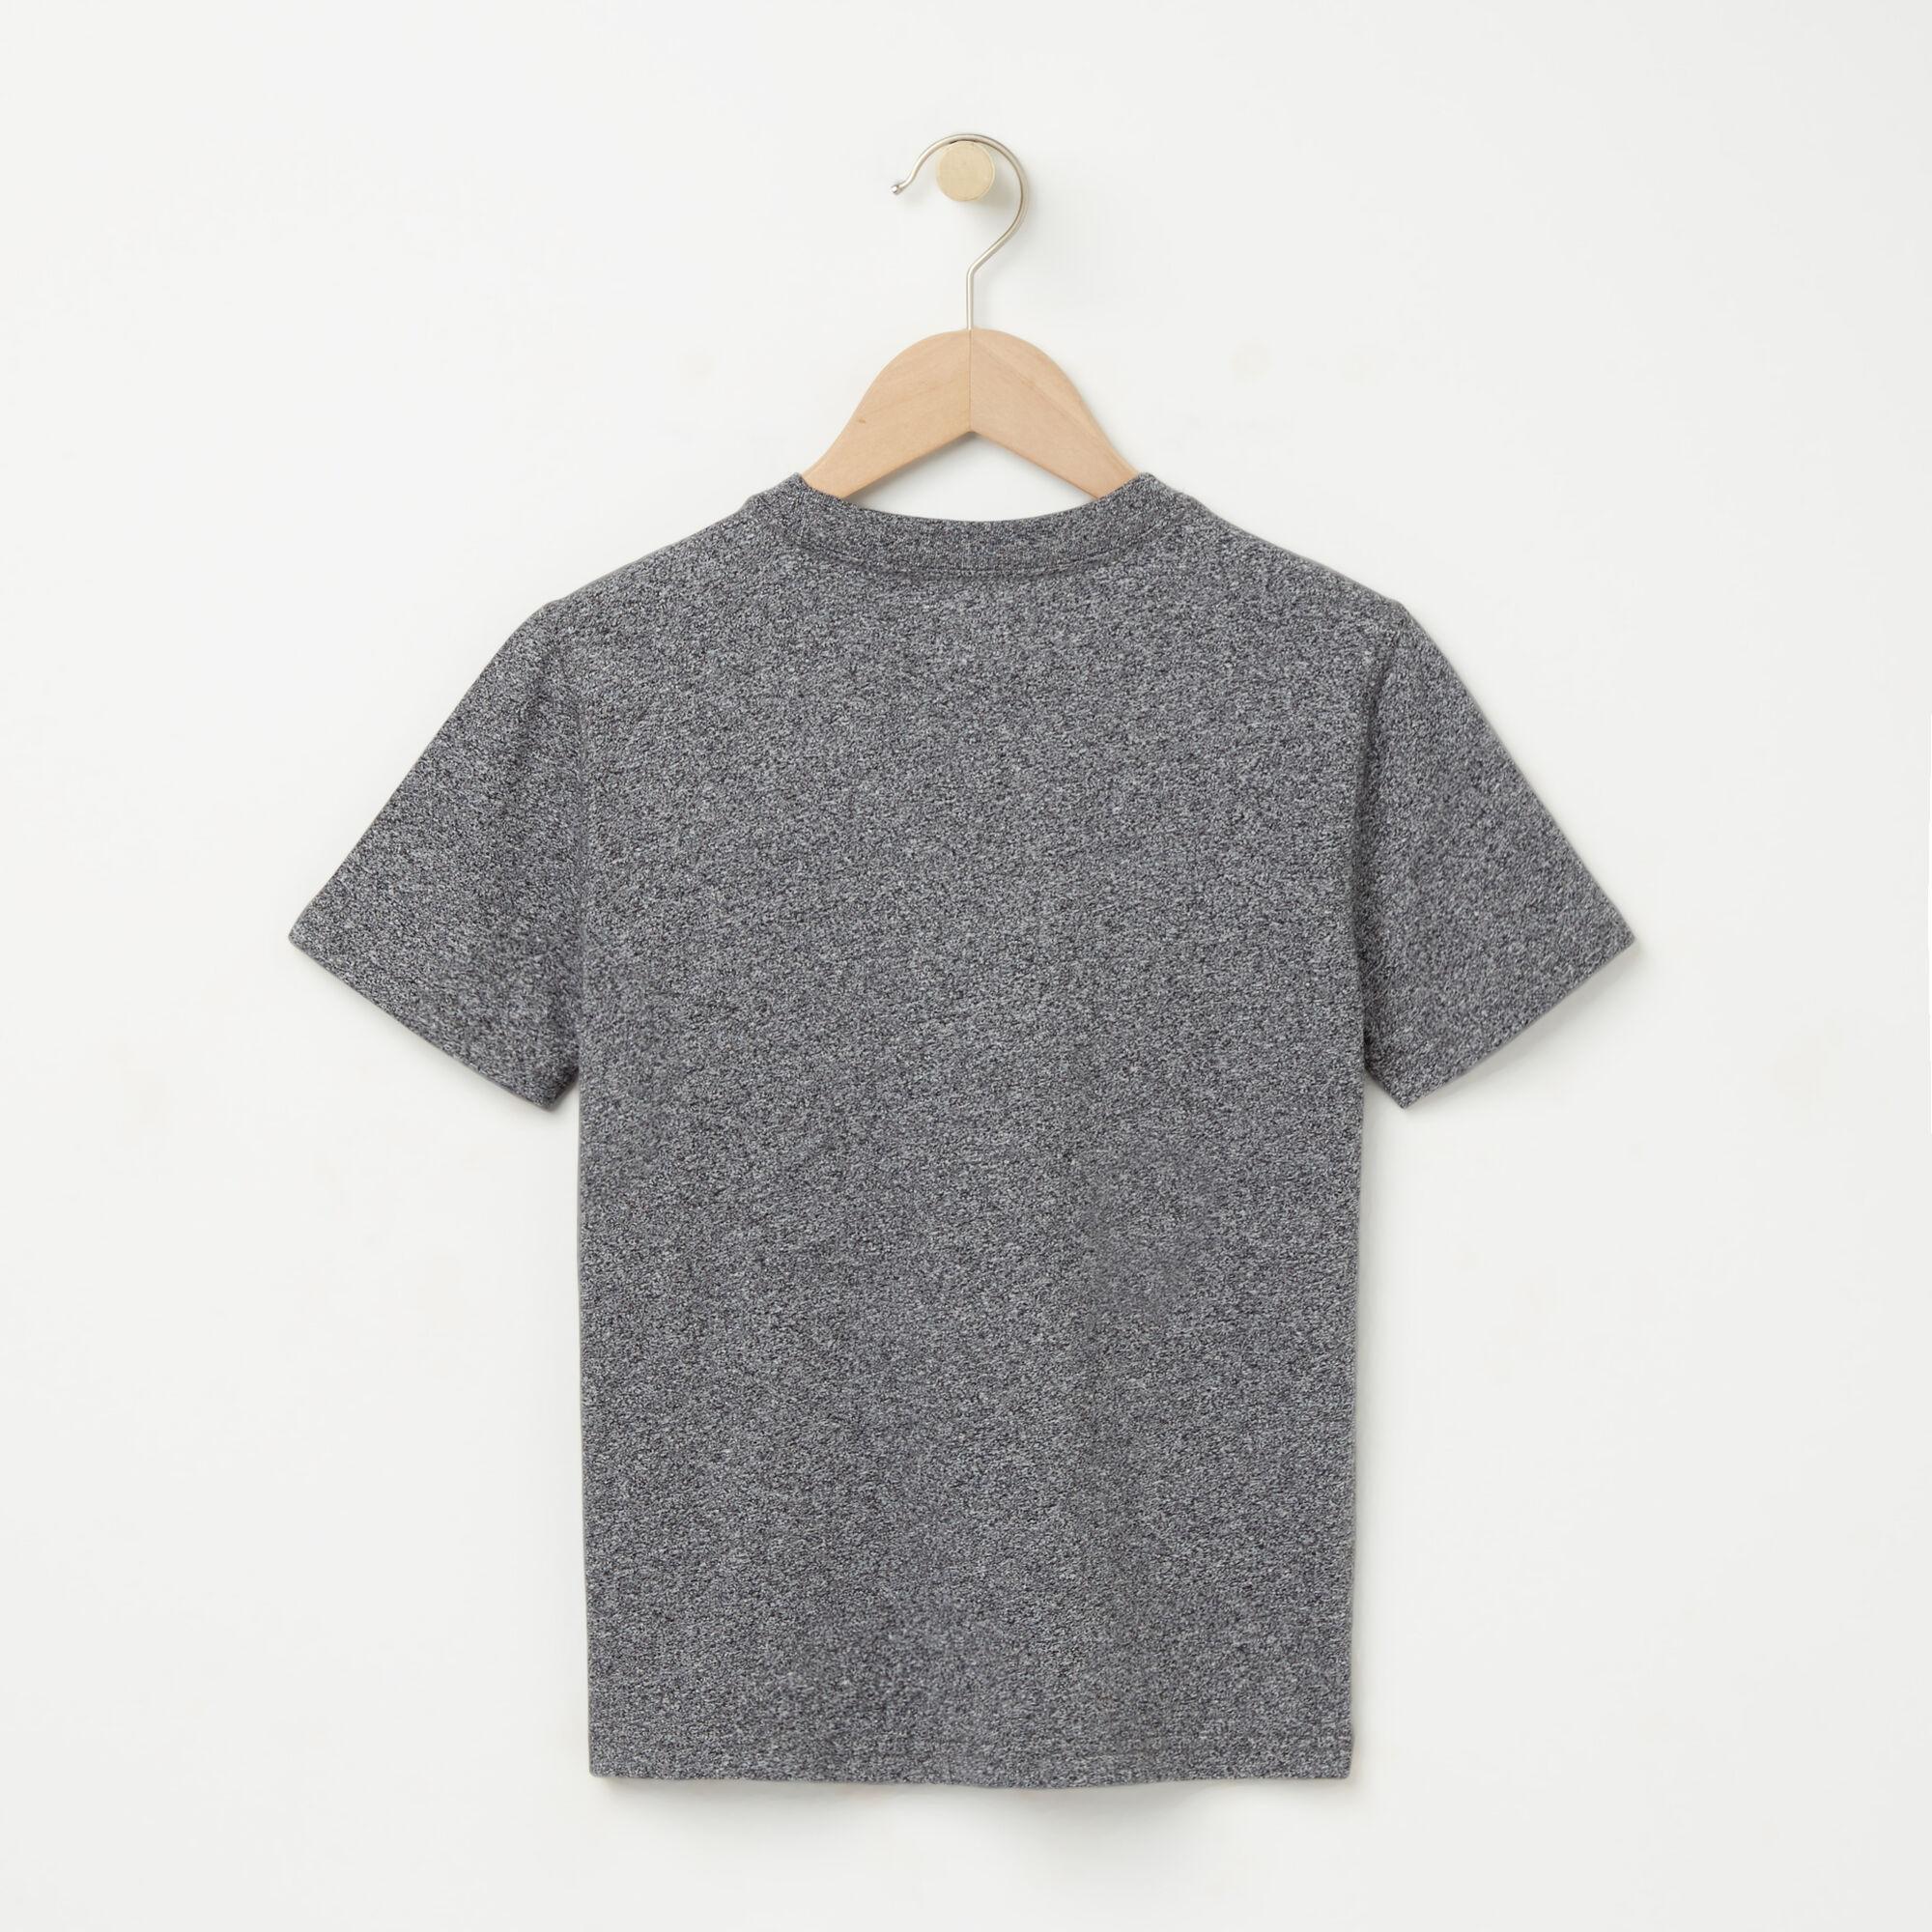 Garçons T-shirt Poche Sentier Poivre